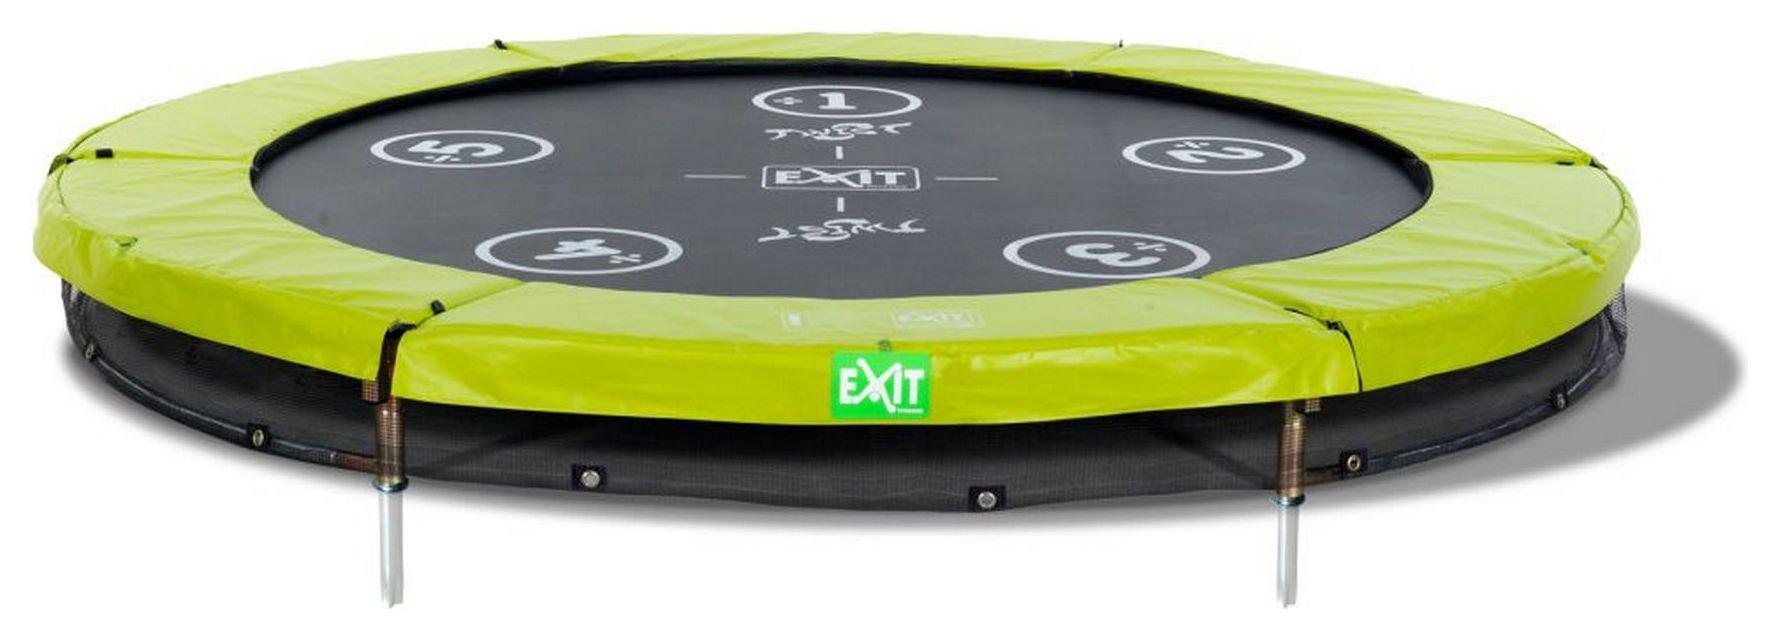 exit  14ft twist ground  trampoline  green/ grey